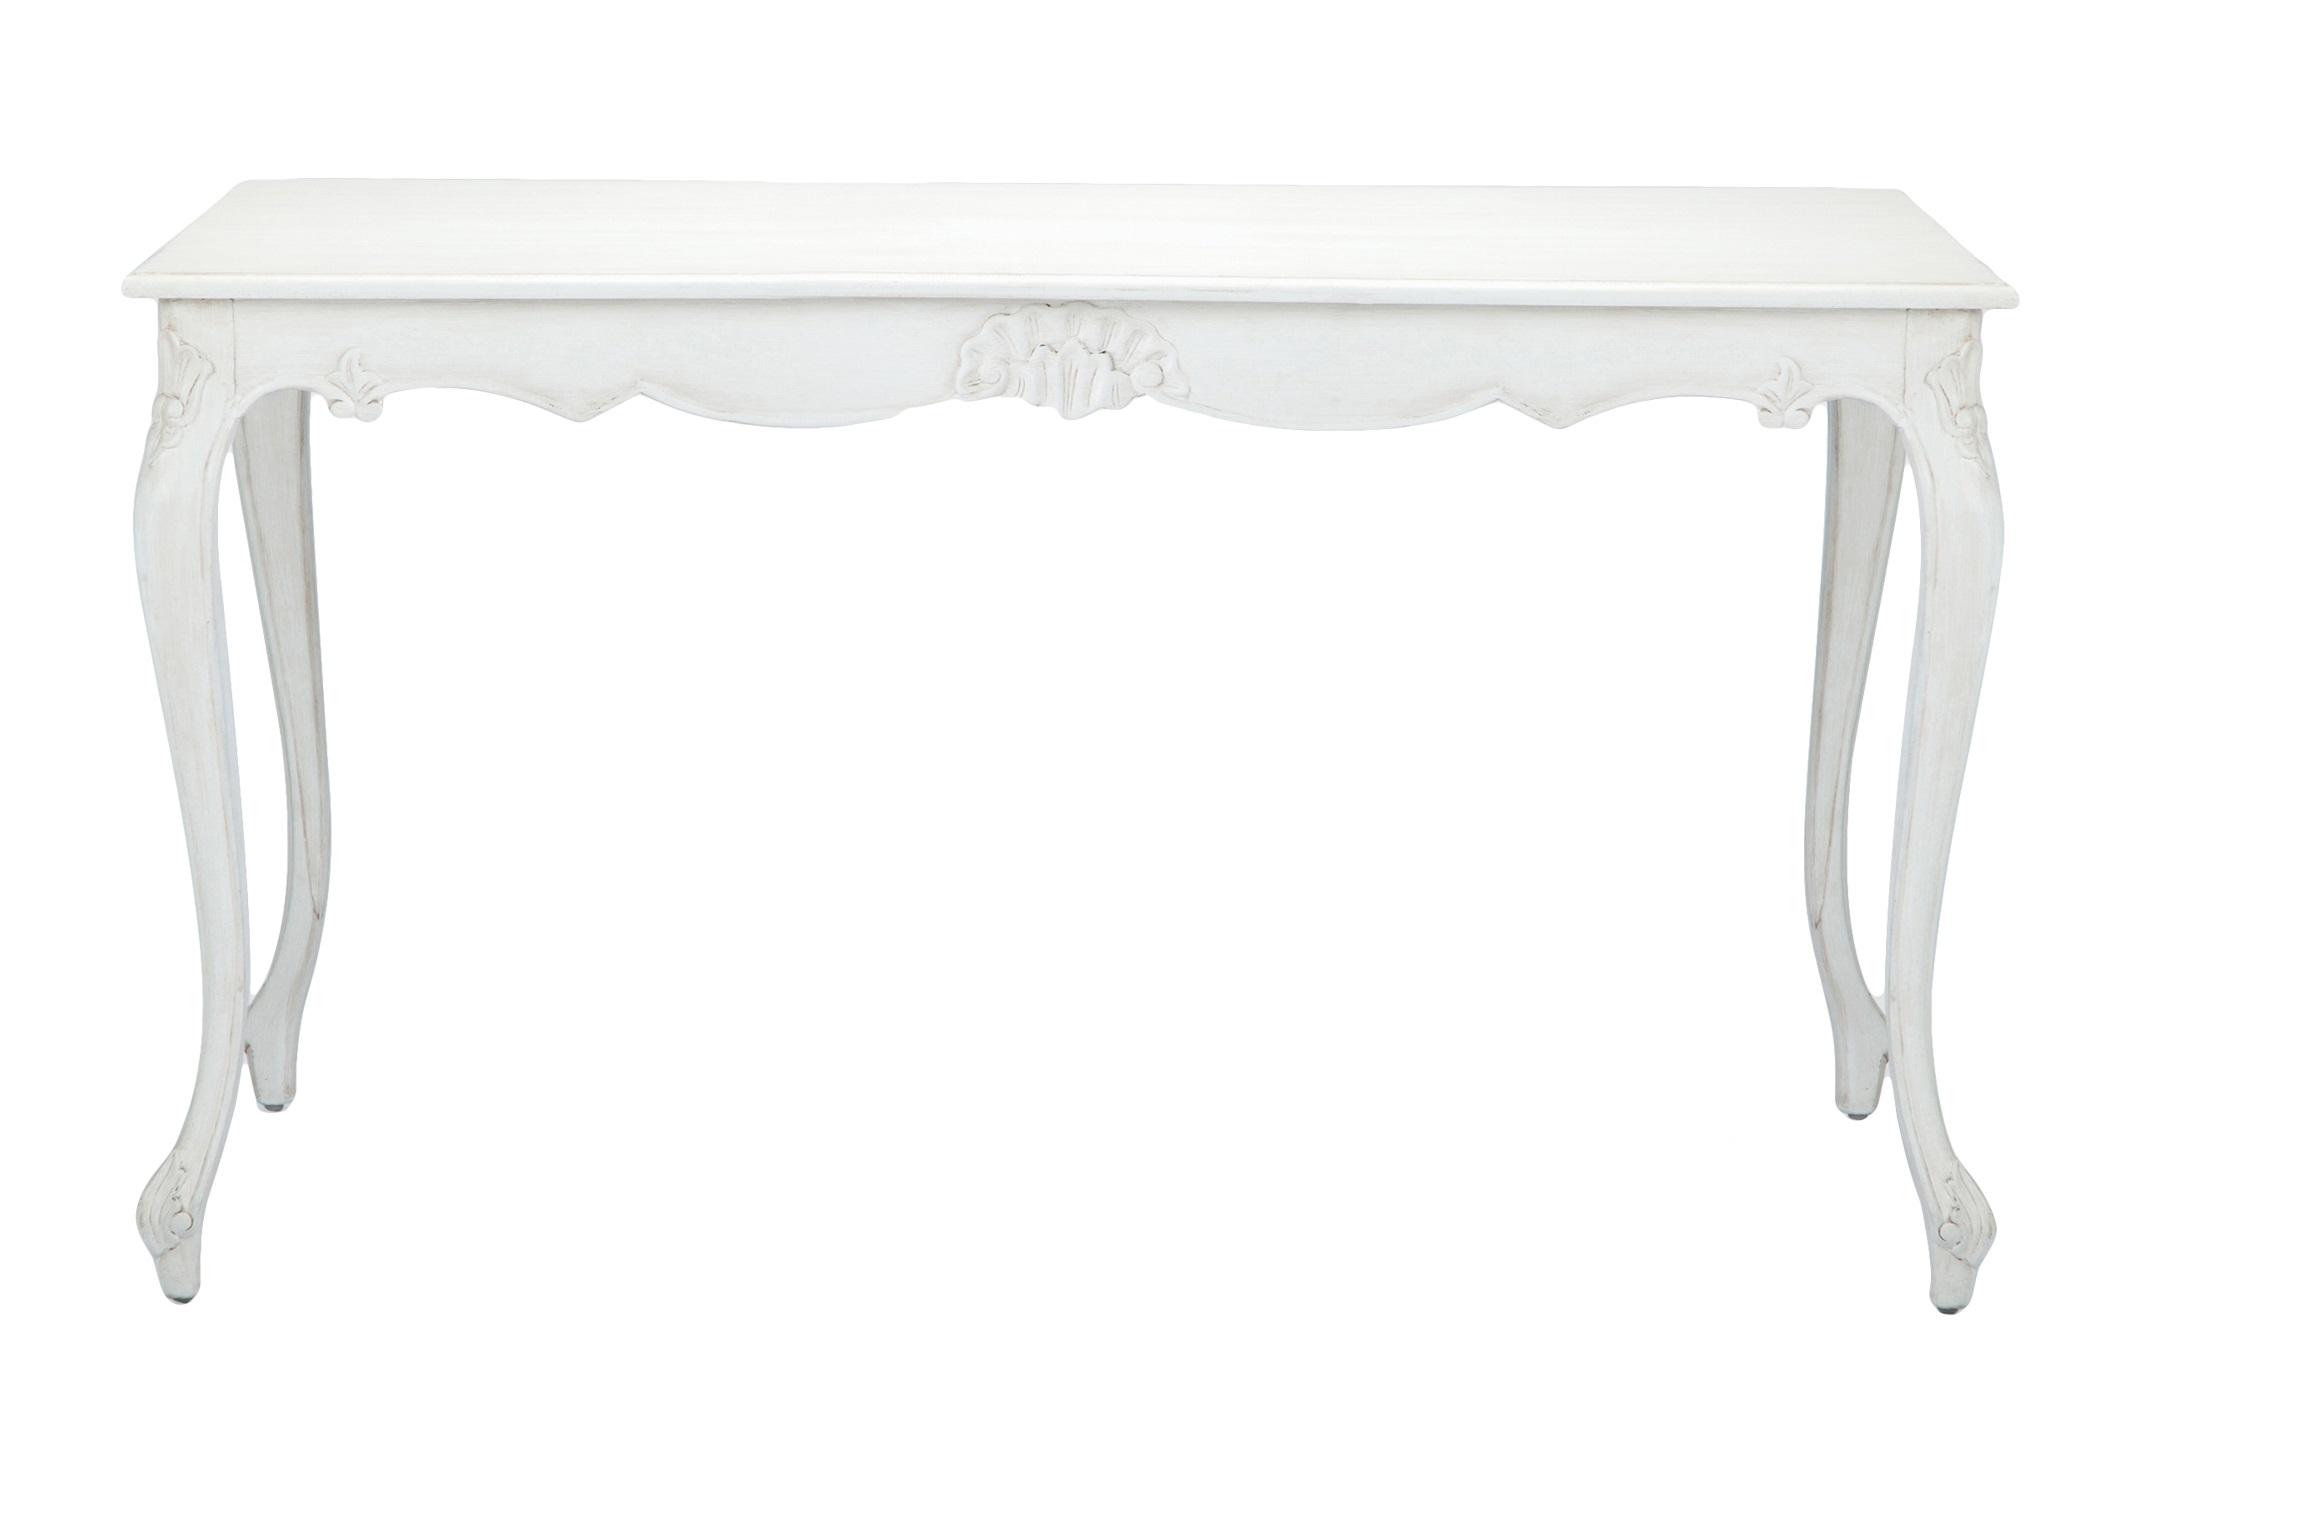 Стол обеденный АвгустинОбеденные столы<br>Стол обеденный прямоугольный в стиле прованс, украшен резьбой и патиной.<br><br>Material: Красное дерево<br>Length см: 140<br>Width см: 80<br>Height см: 79